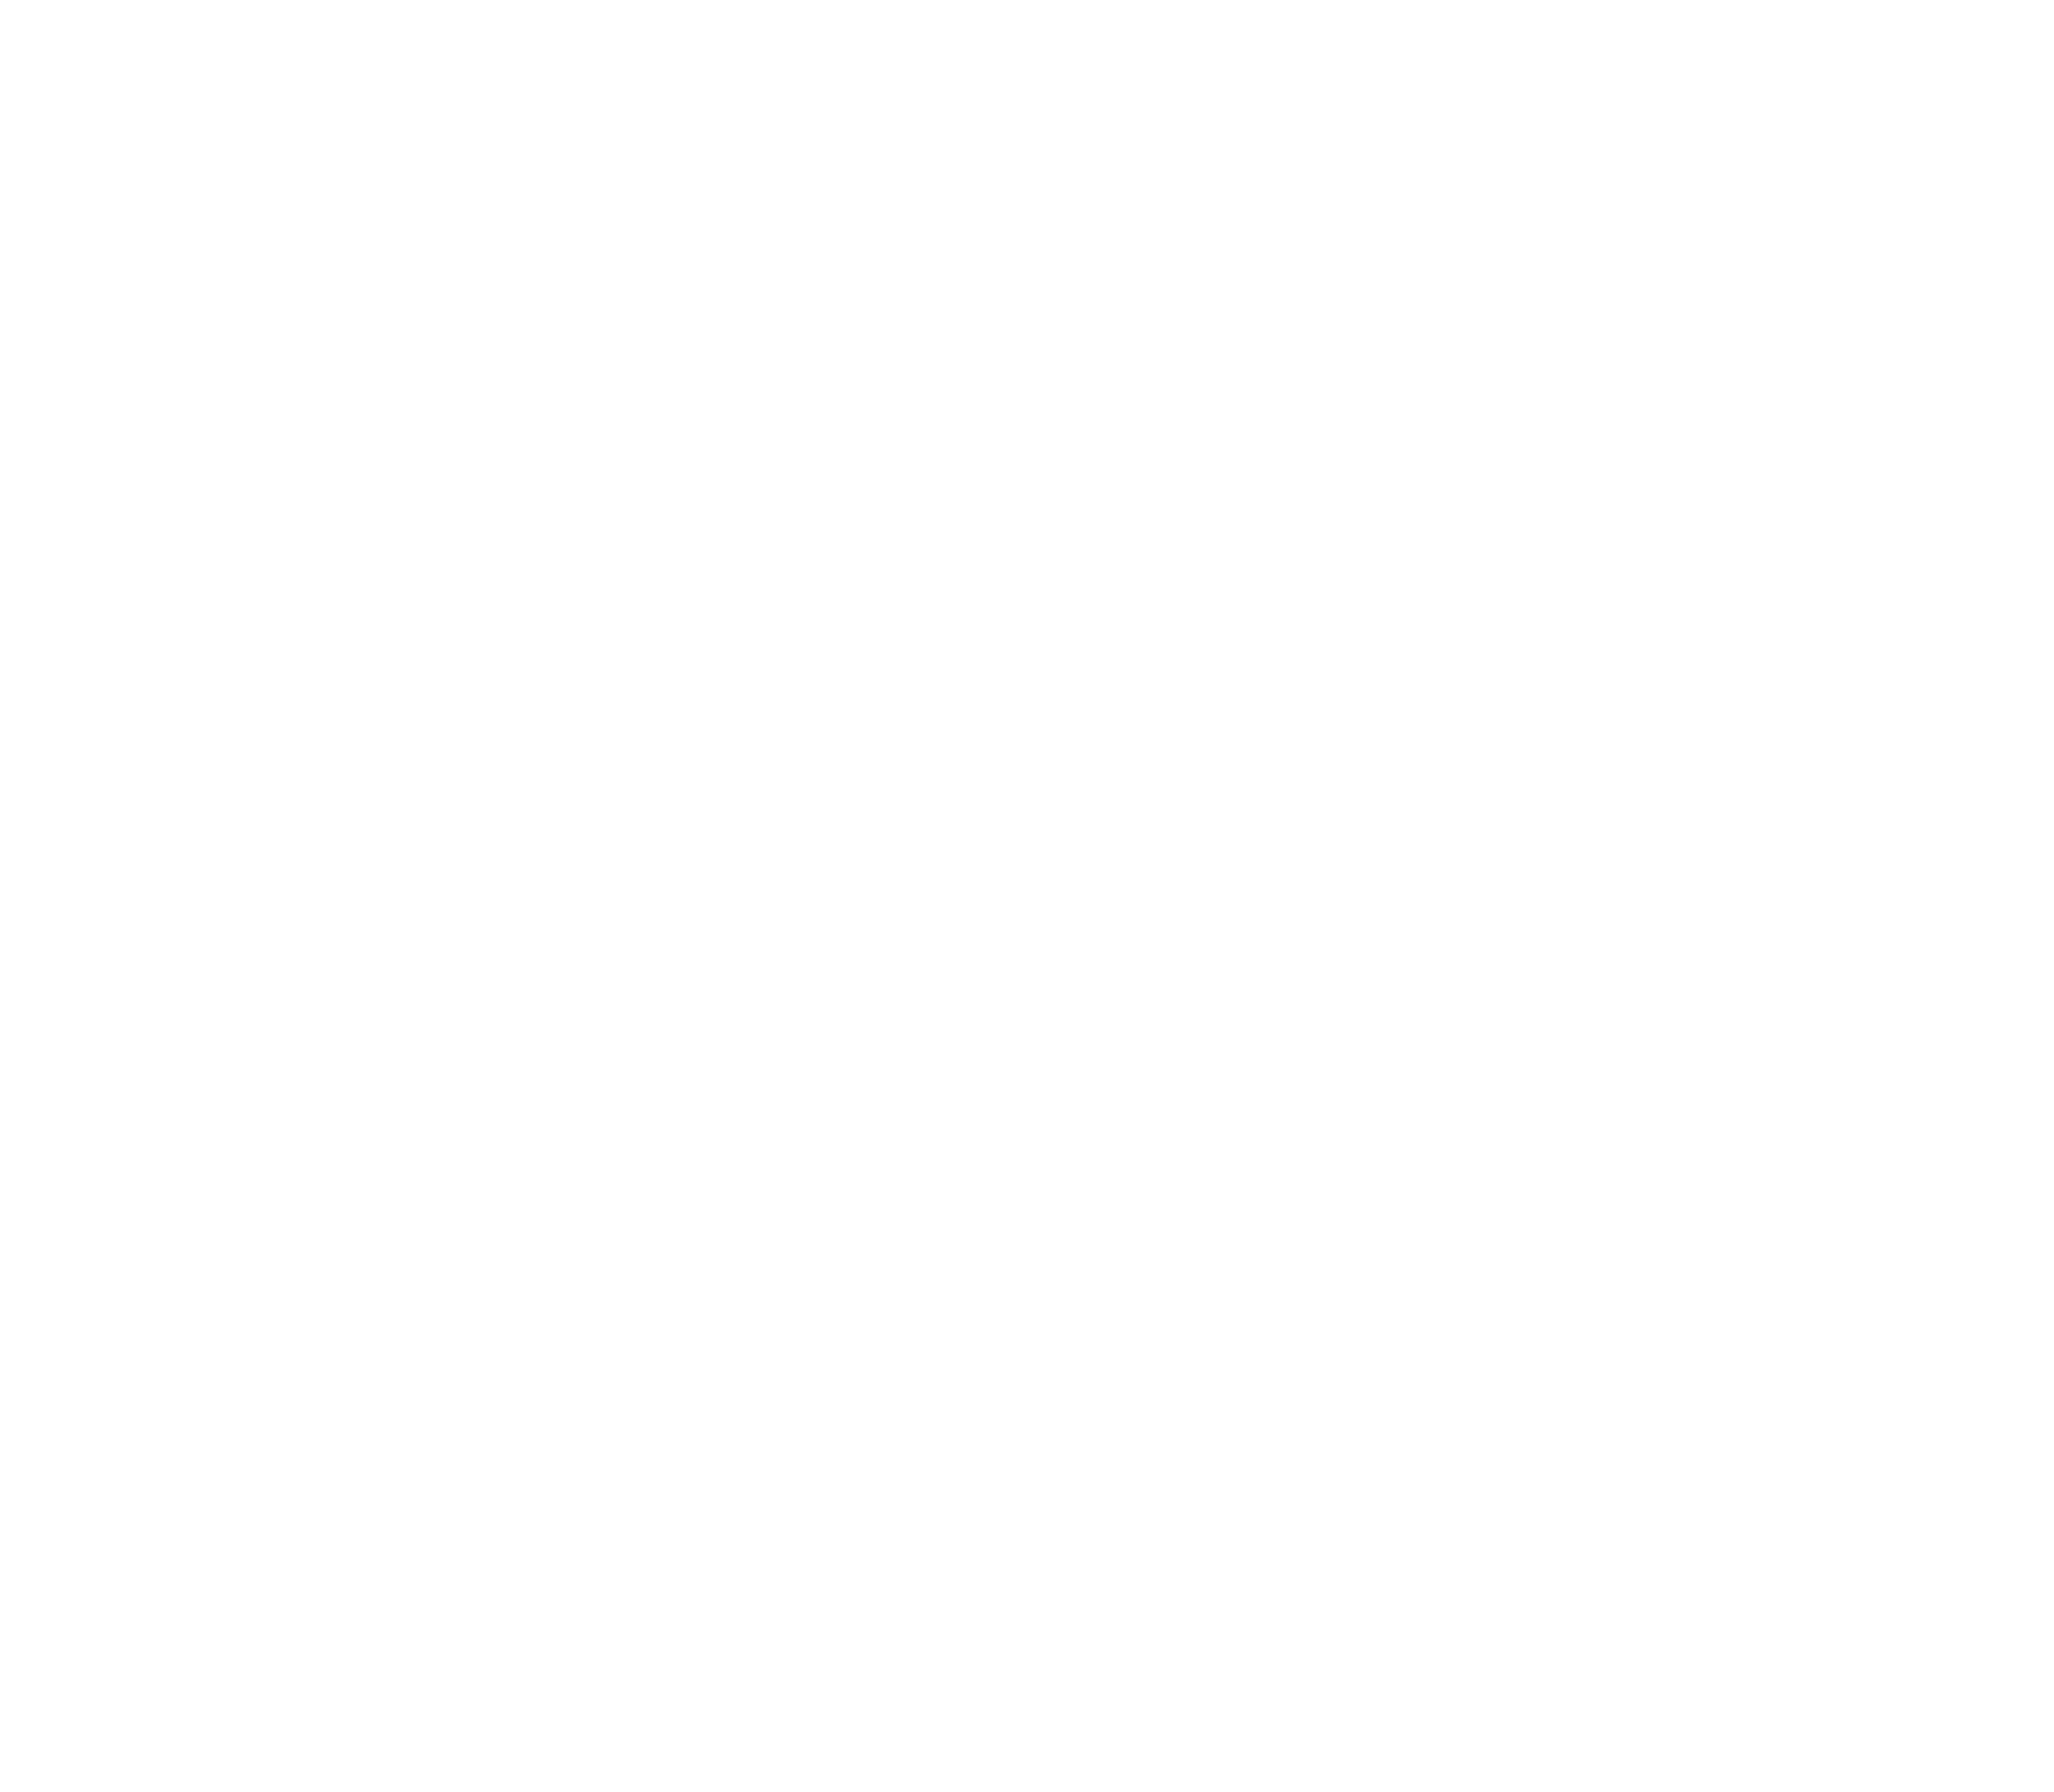 TouringRouteIcons-White-05